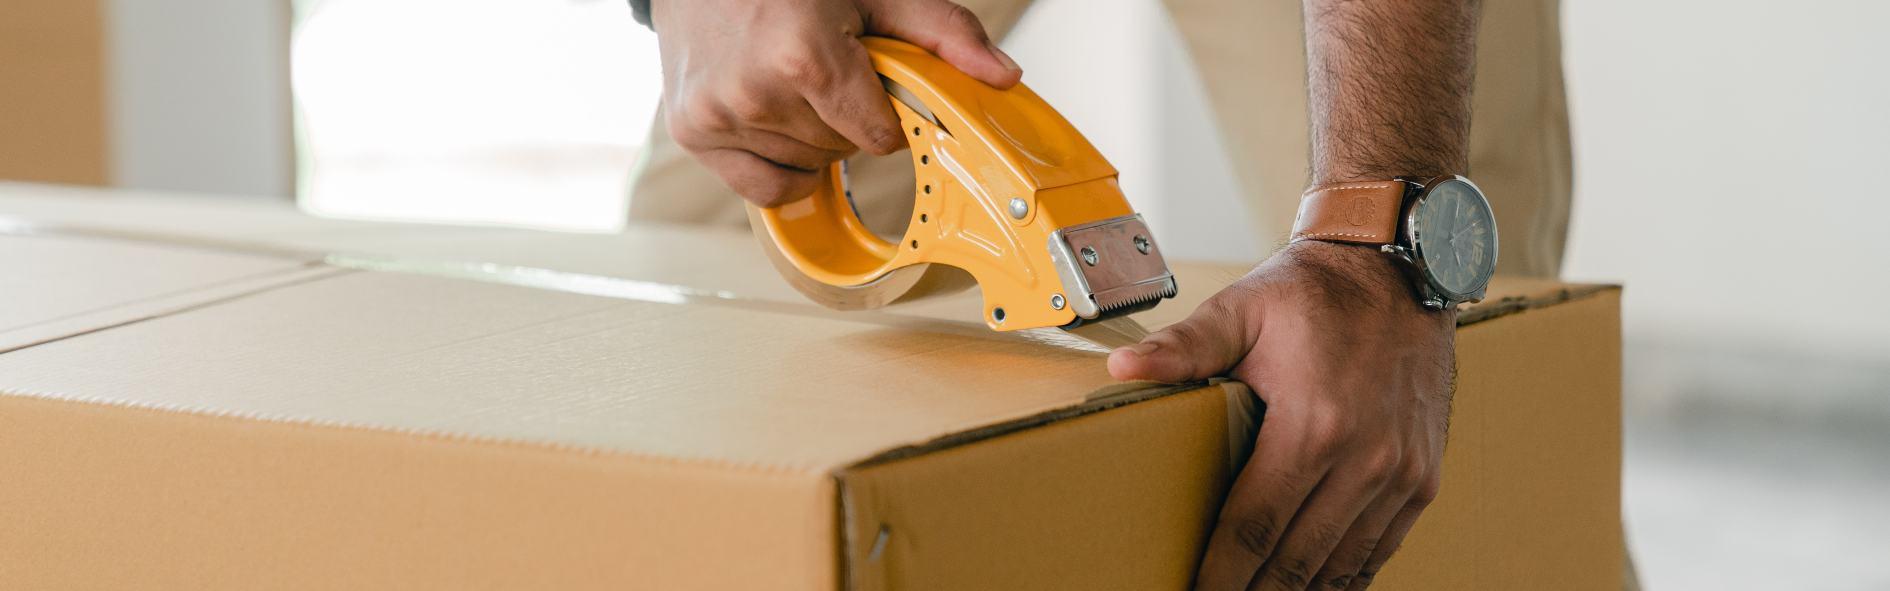 Cómo elaborar el packing list de un envío